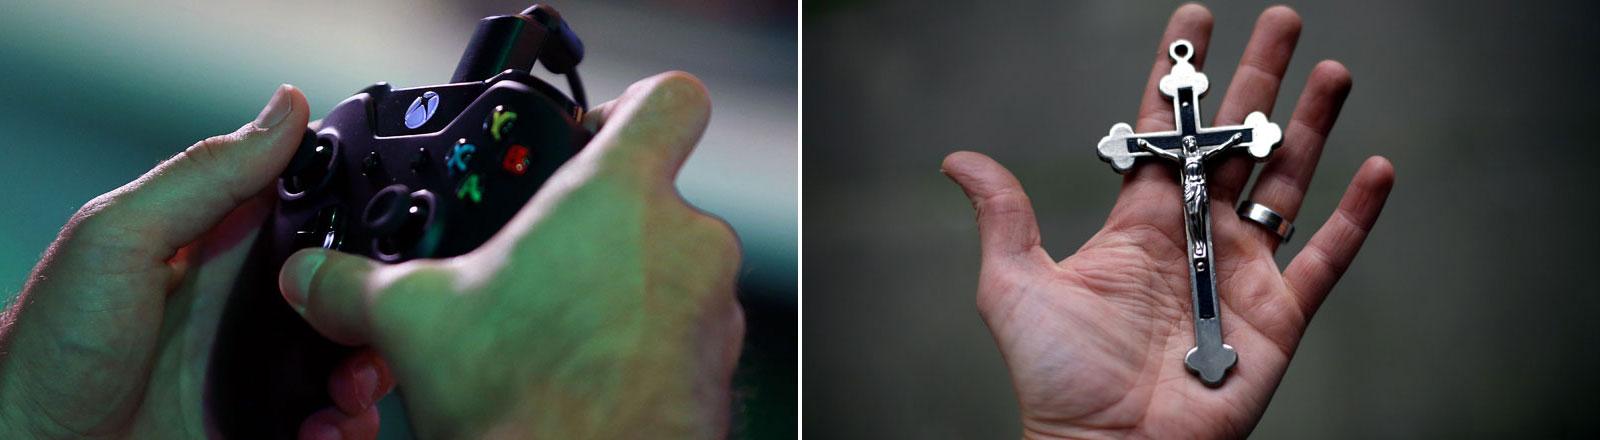 Ein Gamer bedient eine Spielekonsole. Auf einer ausgestreckten Hand liegt ein Kreuz.